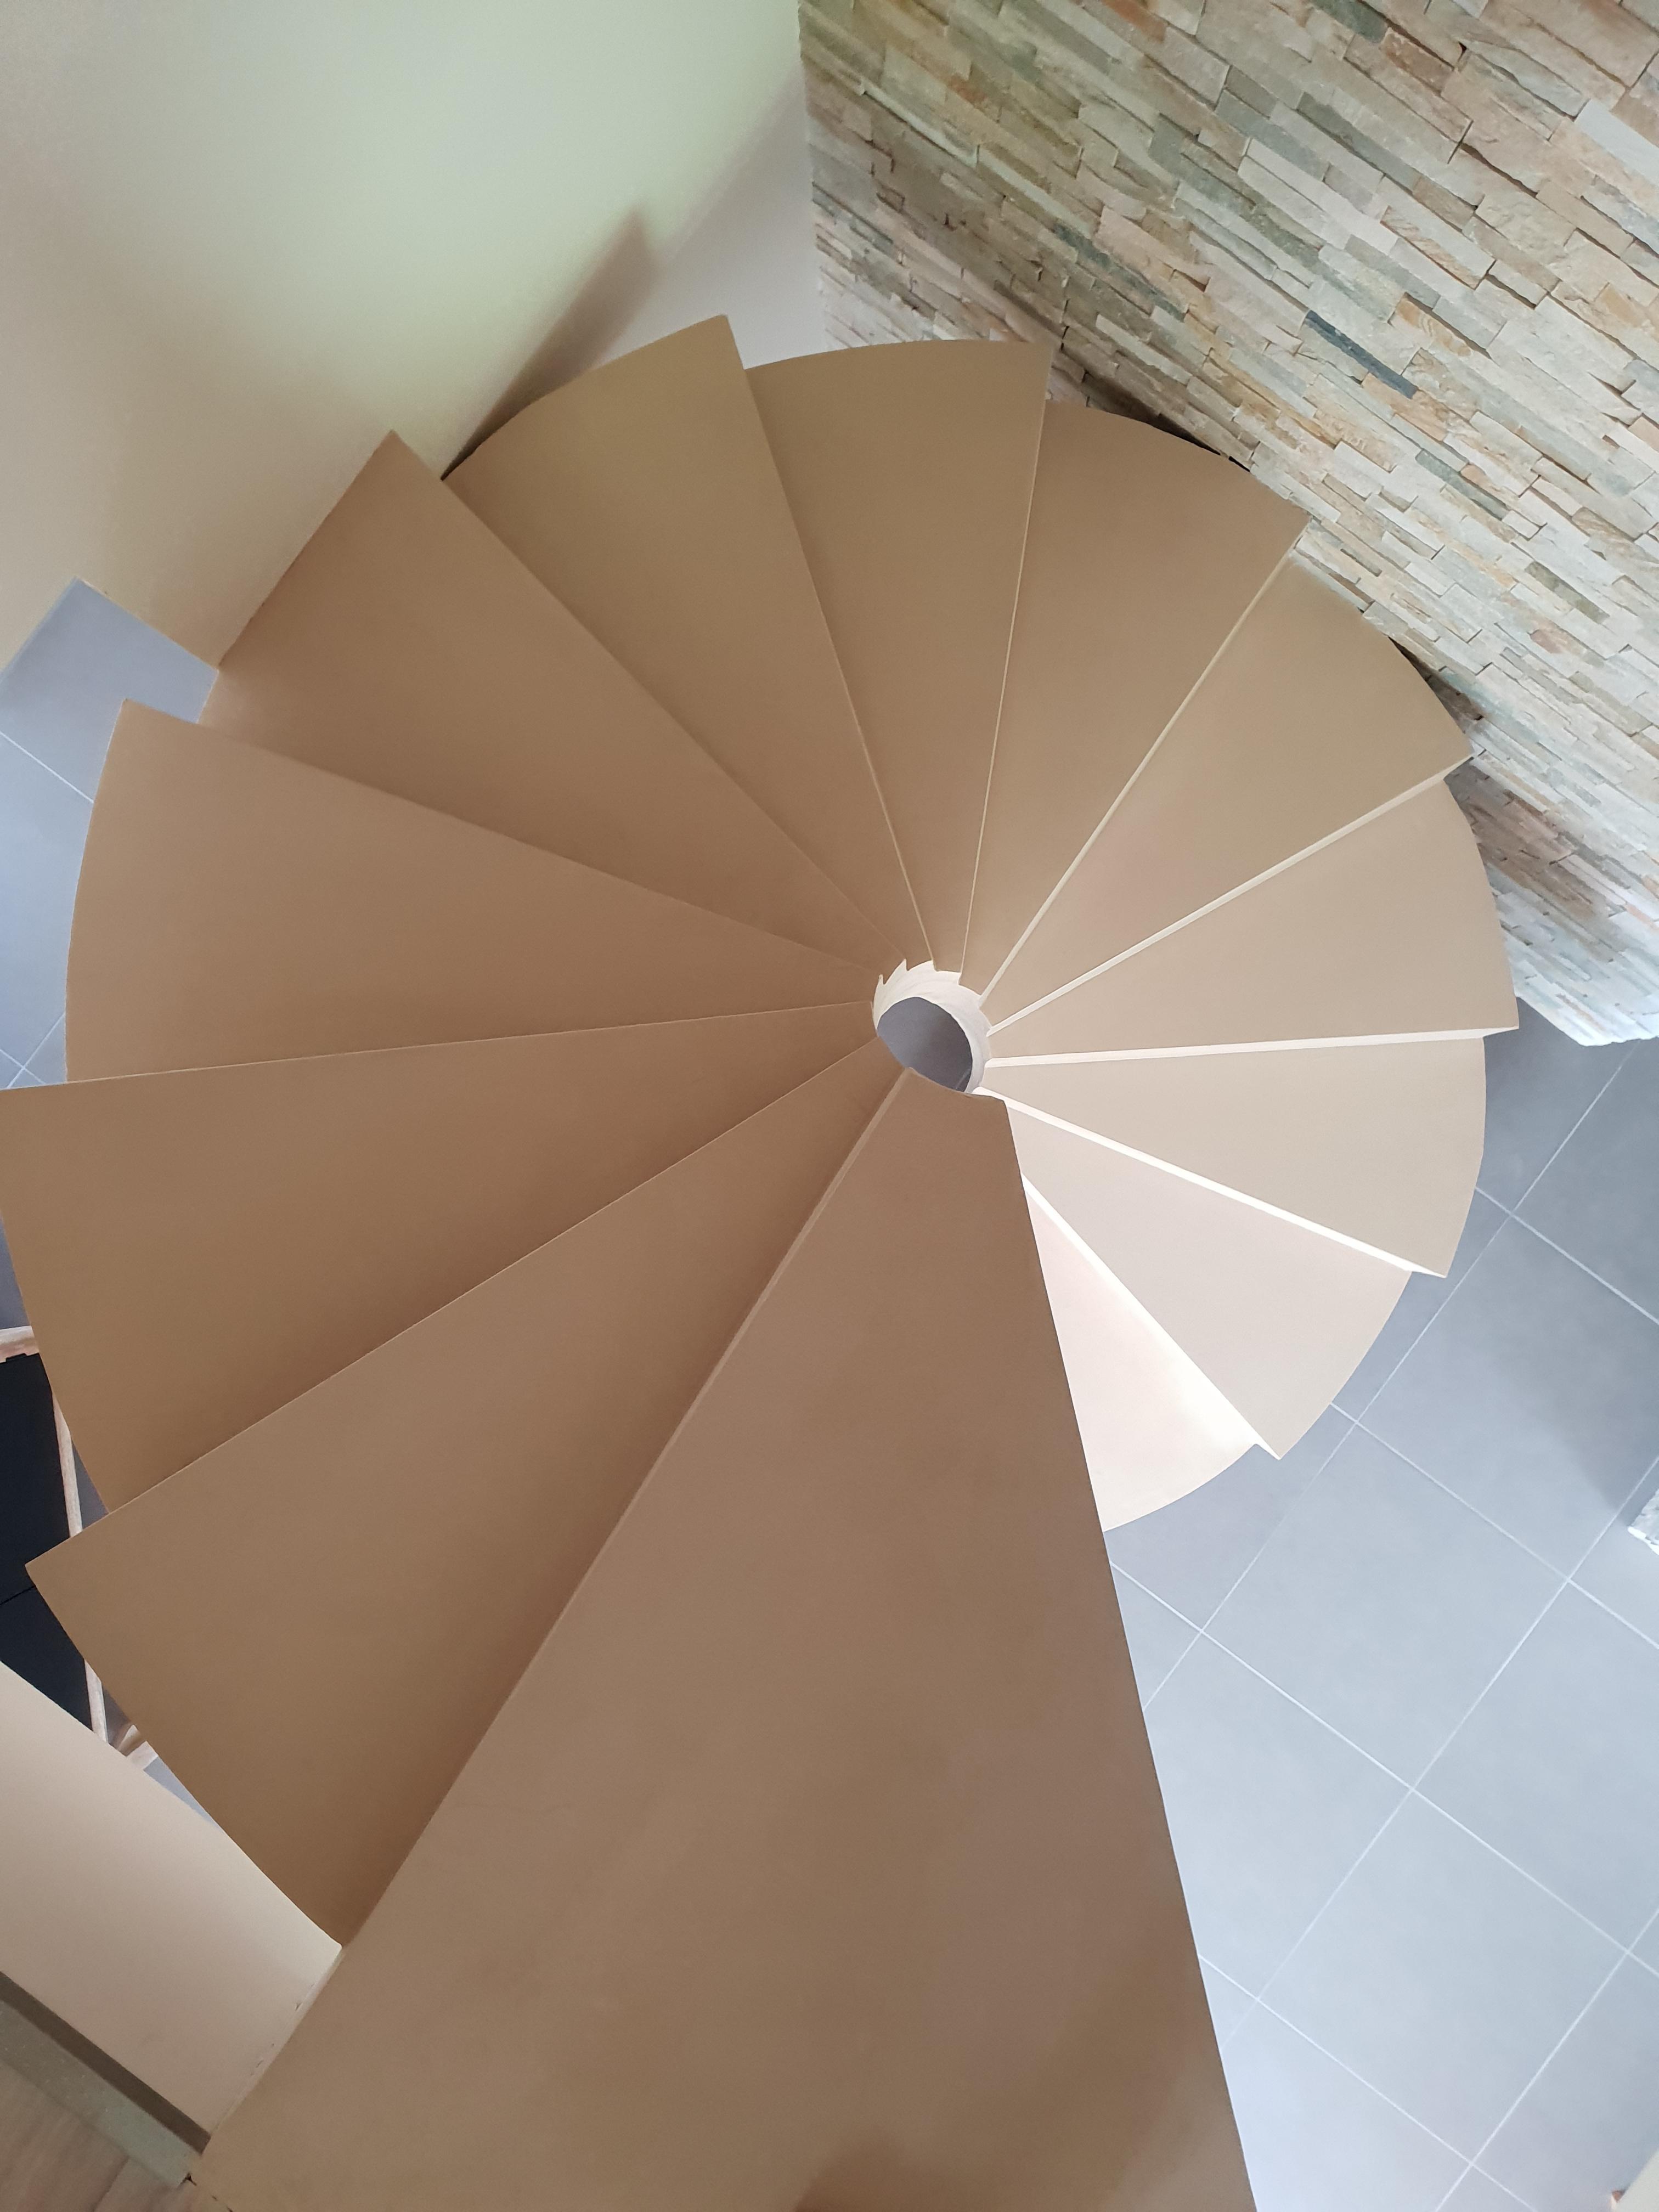 Marchés en béton ciré et lumière centrale d'un escalier hélicoïdal